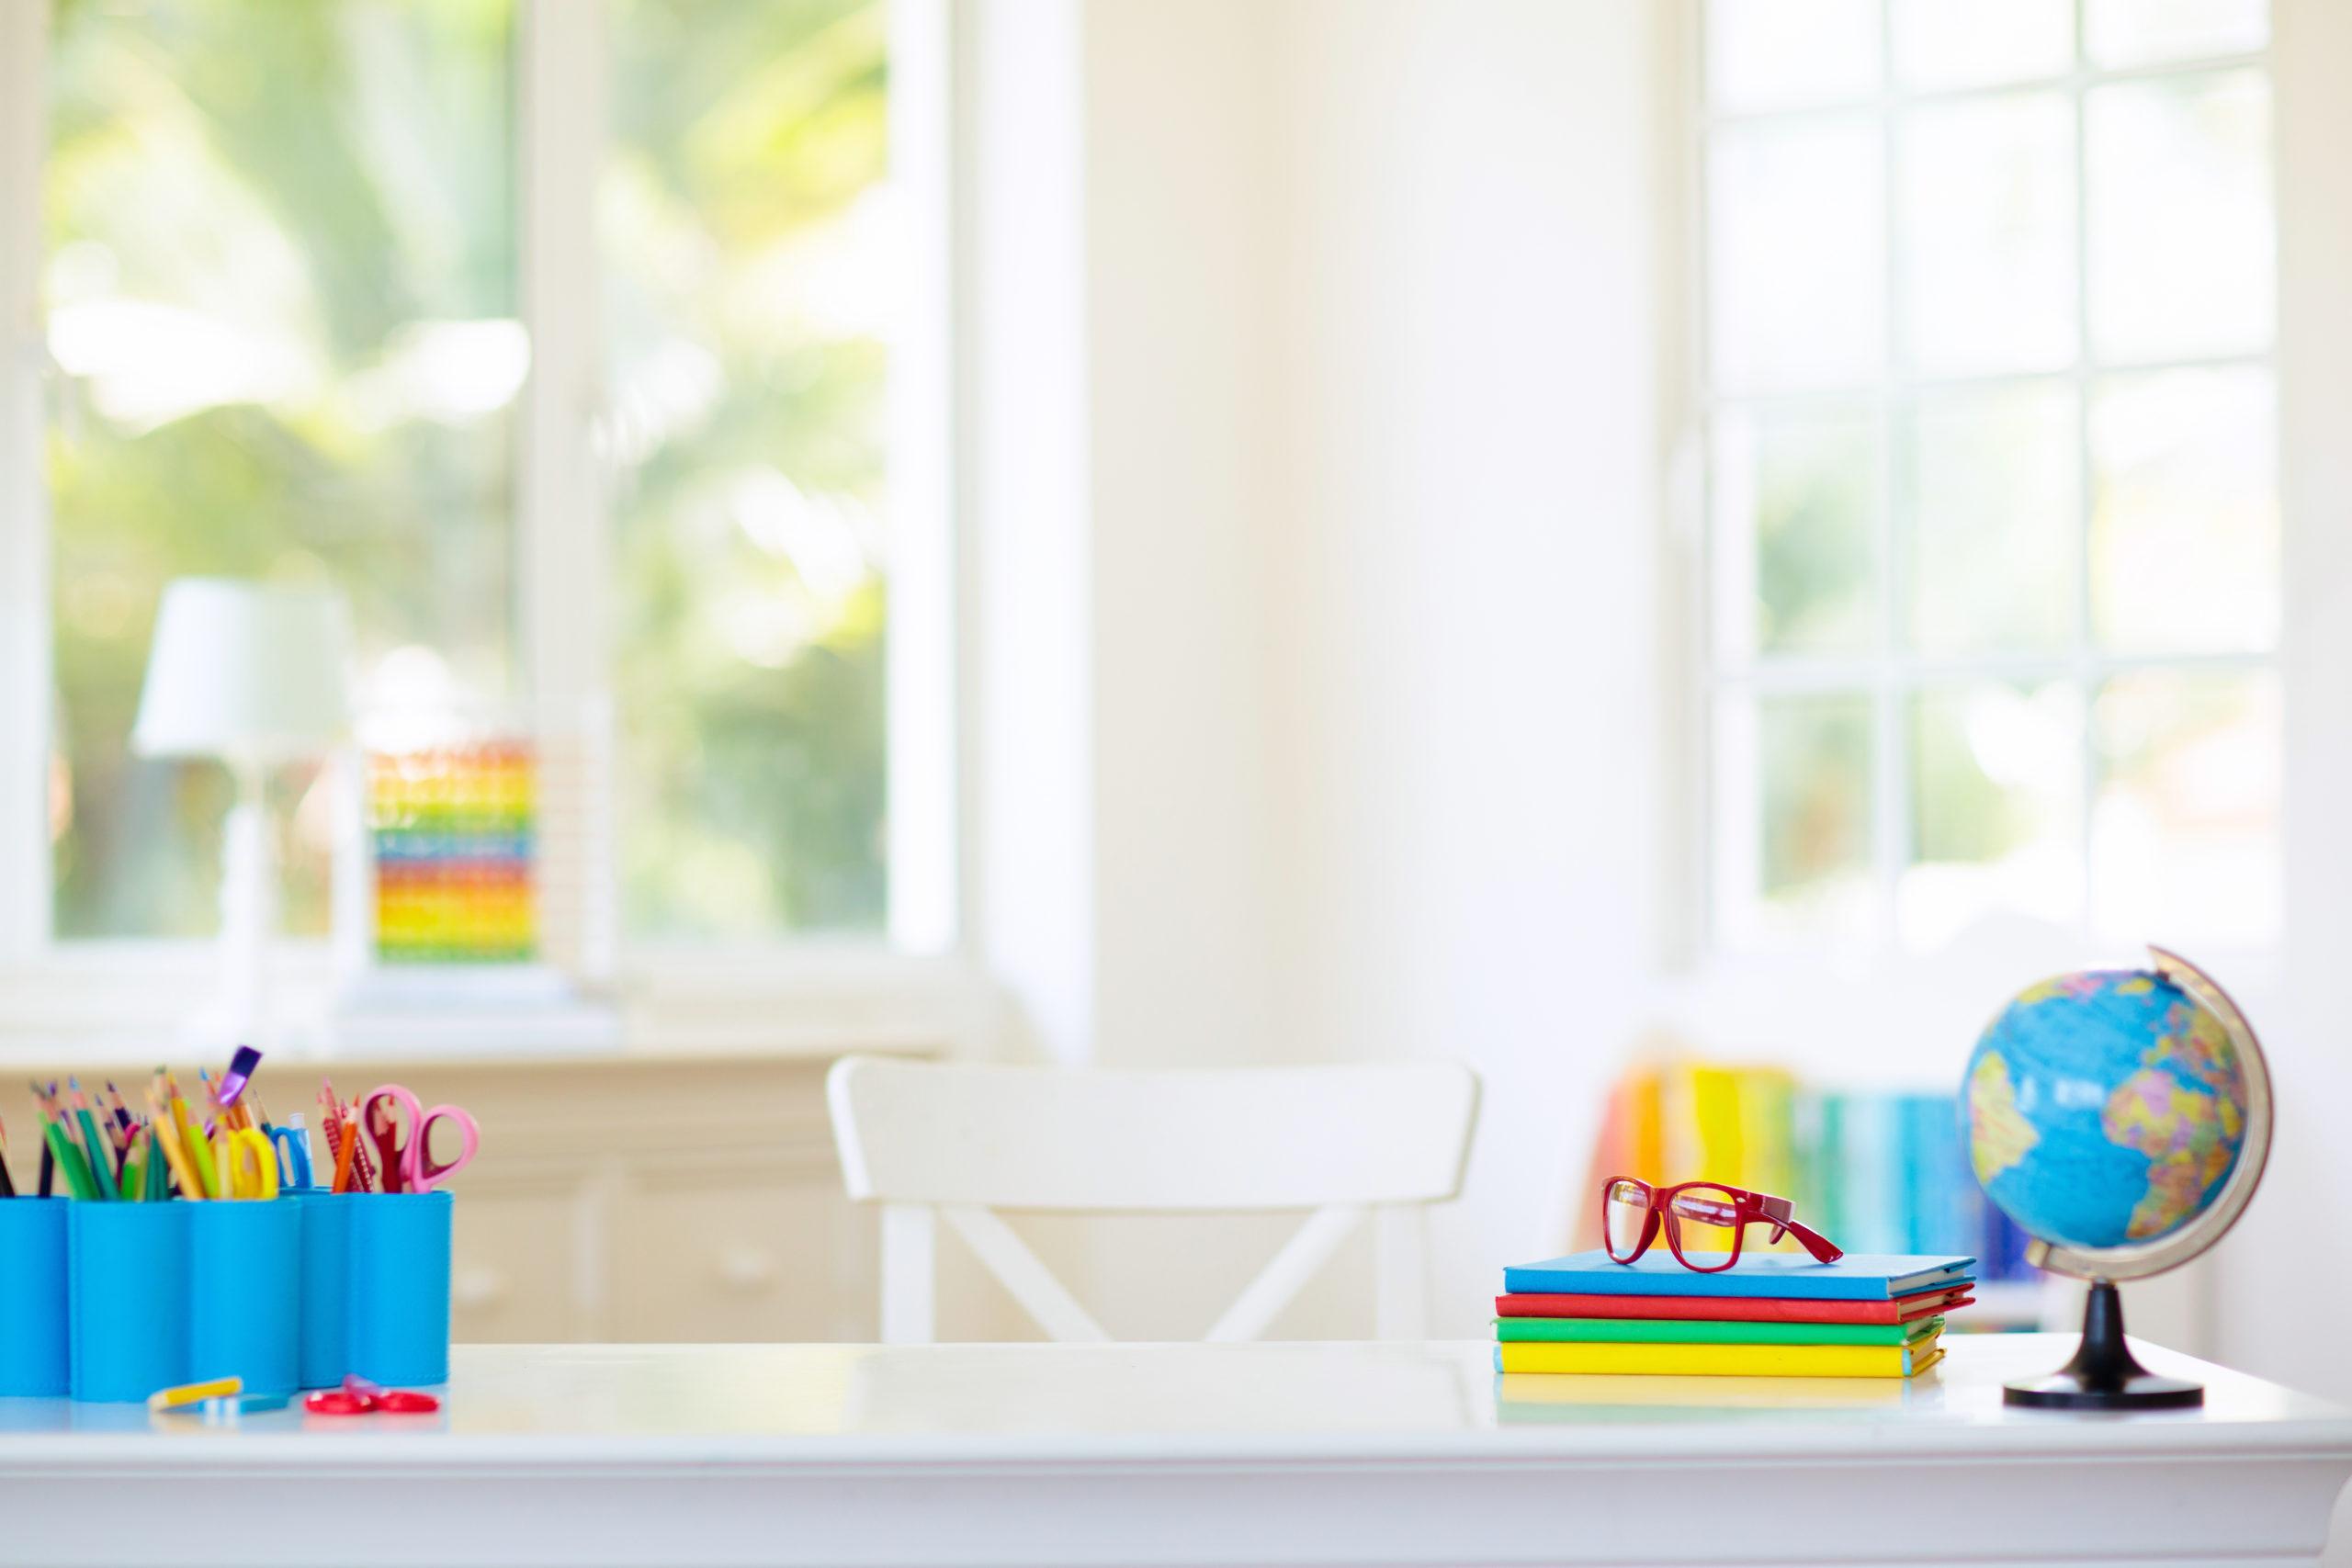 Детская комната, комната школьника, дизайн детской комнаты, пространство детской комнаты